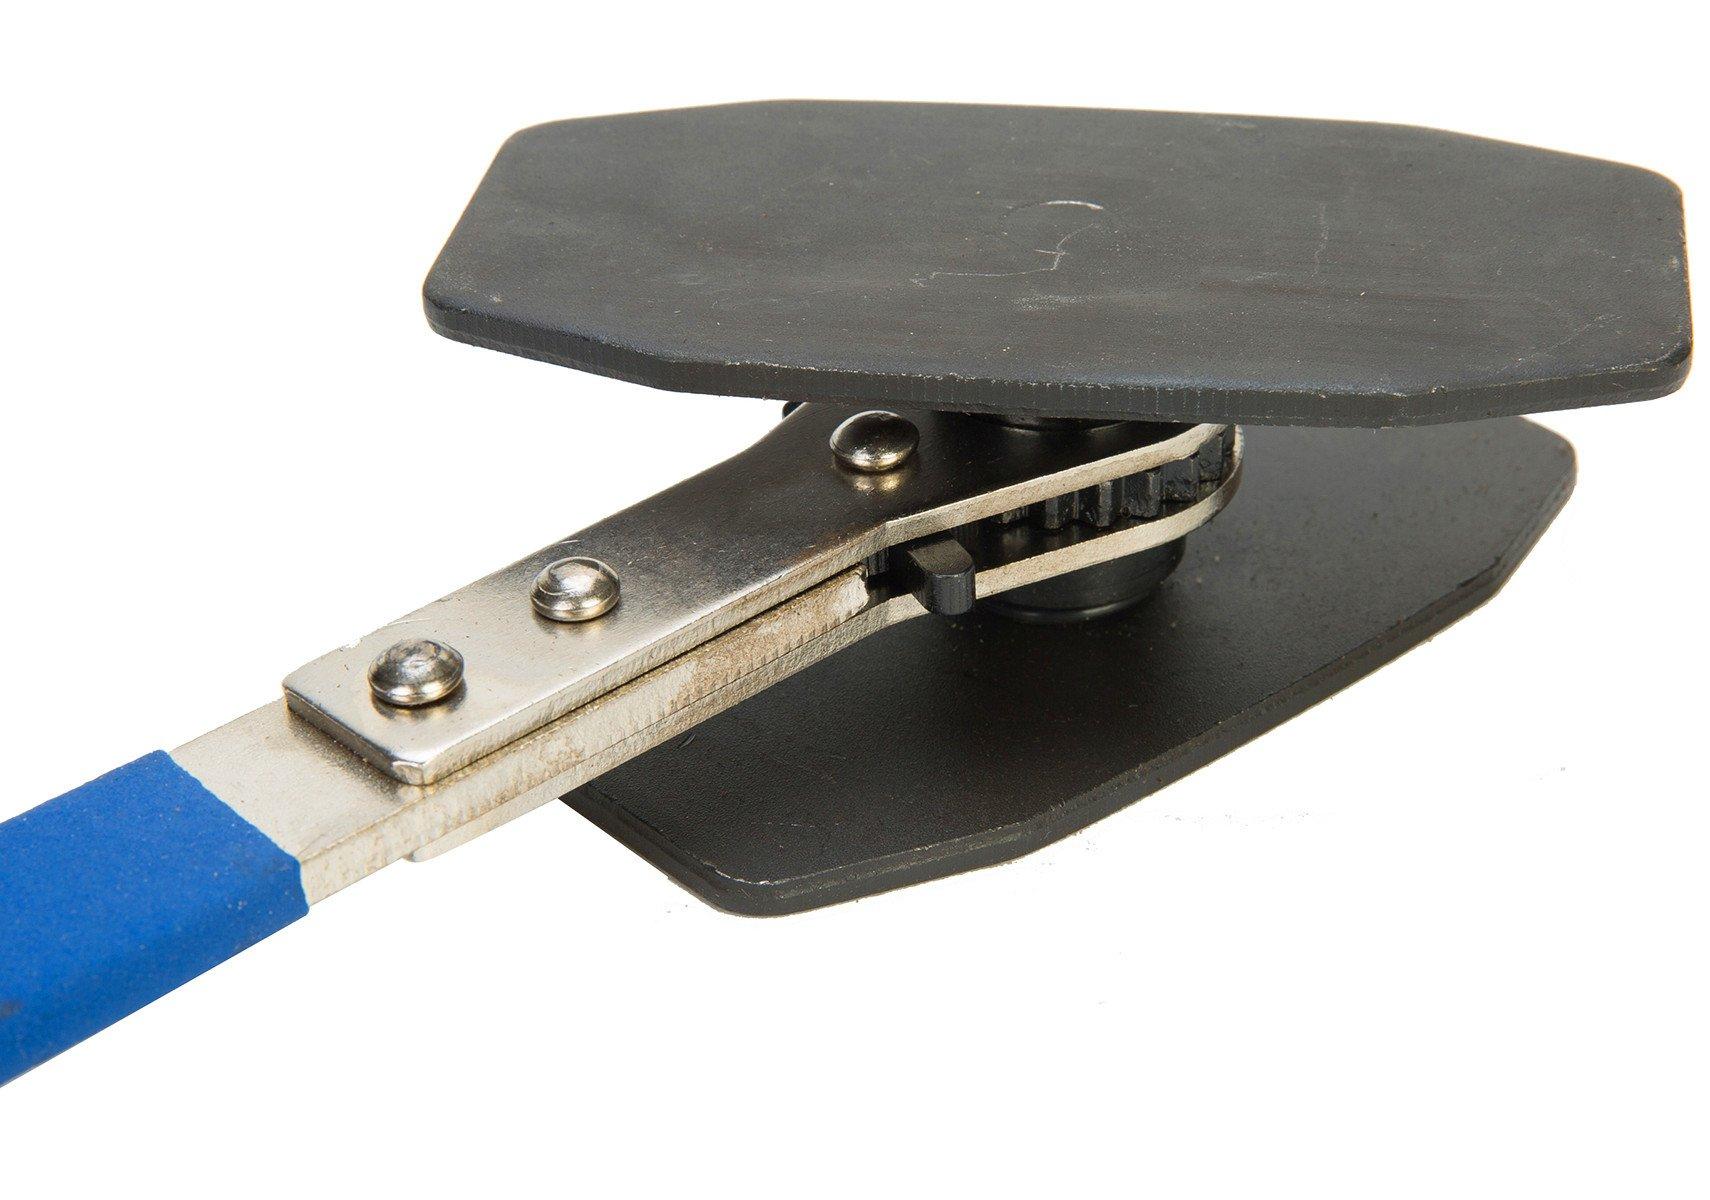 8MILELAKE Ratchet Caliper Piston Spreader Brake Piston Caliper Press Tool by 8MILELAKE (Image #6)